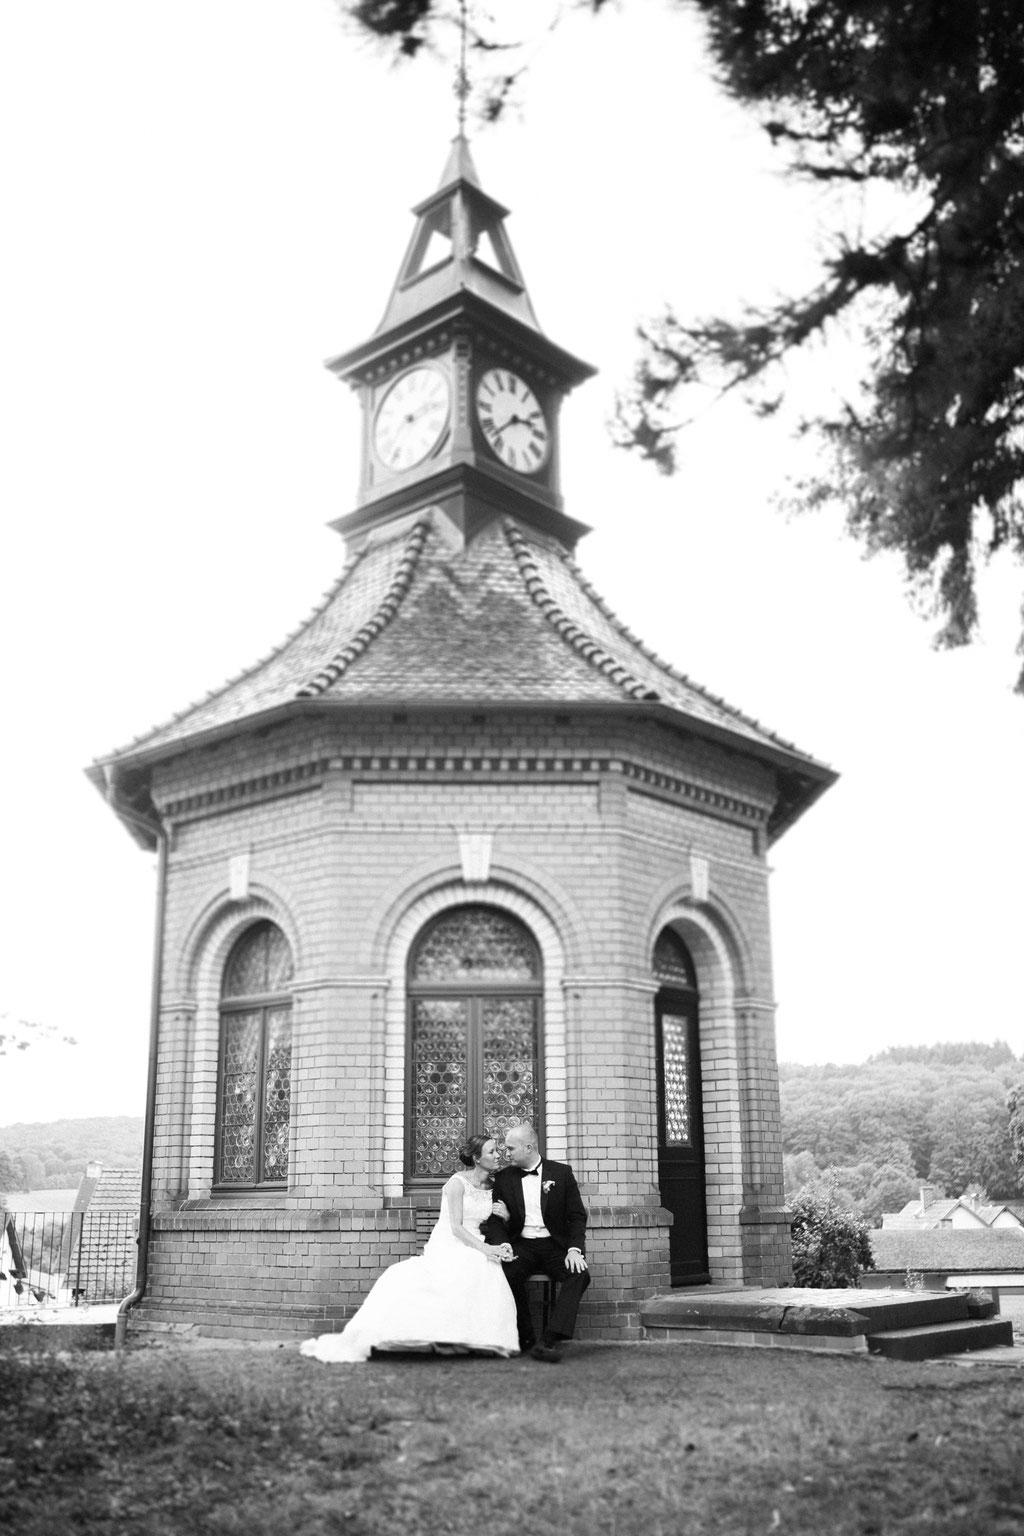 Hochzeitsfotografie Biebertal Hochzeit Gailschepark Timo Barwitzki Paar Outdoor Kapelle Kirche Kuss Hochzeit